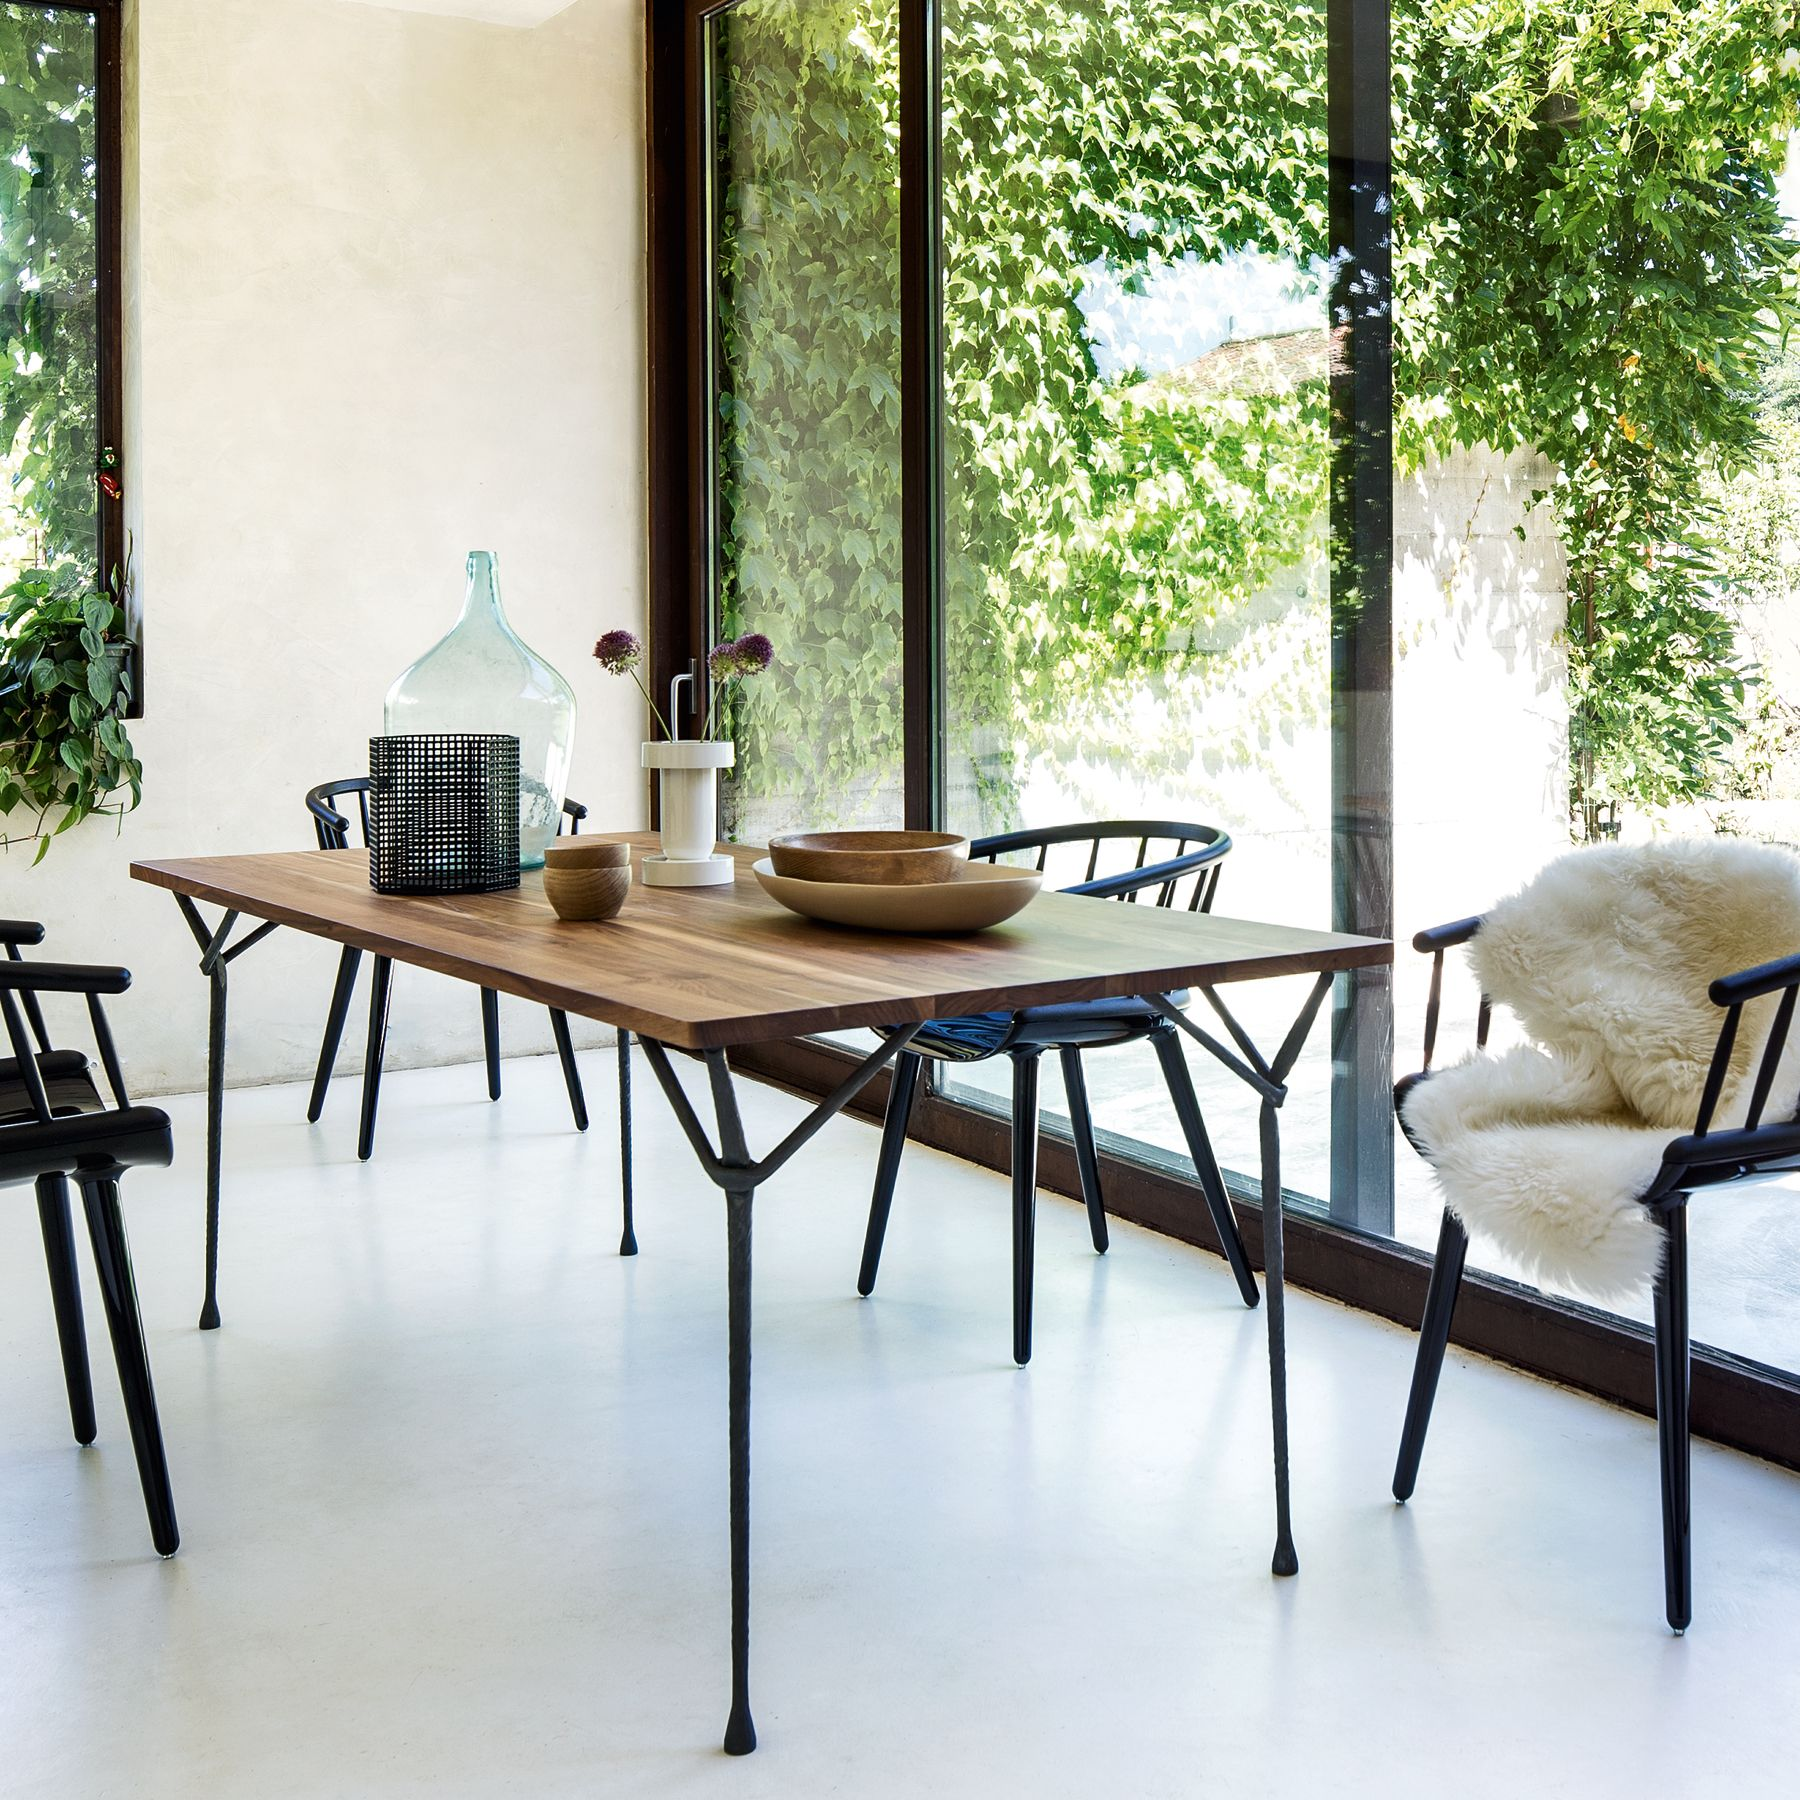 Moderner Landhausstil Im Esszimmer? Mit Alten Schmuckstücken, Natürlichen  Materialien Und Sinnlichen Oberflächen Schaffen Sie. U0027